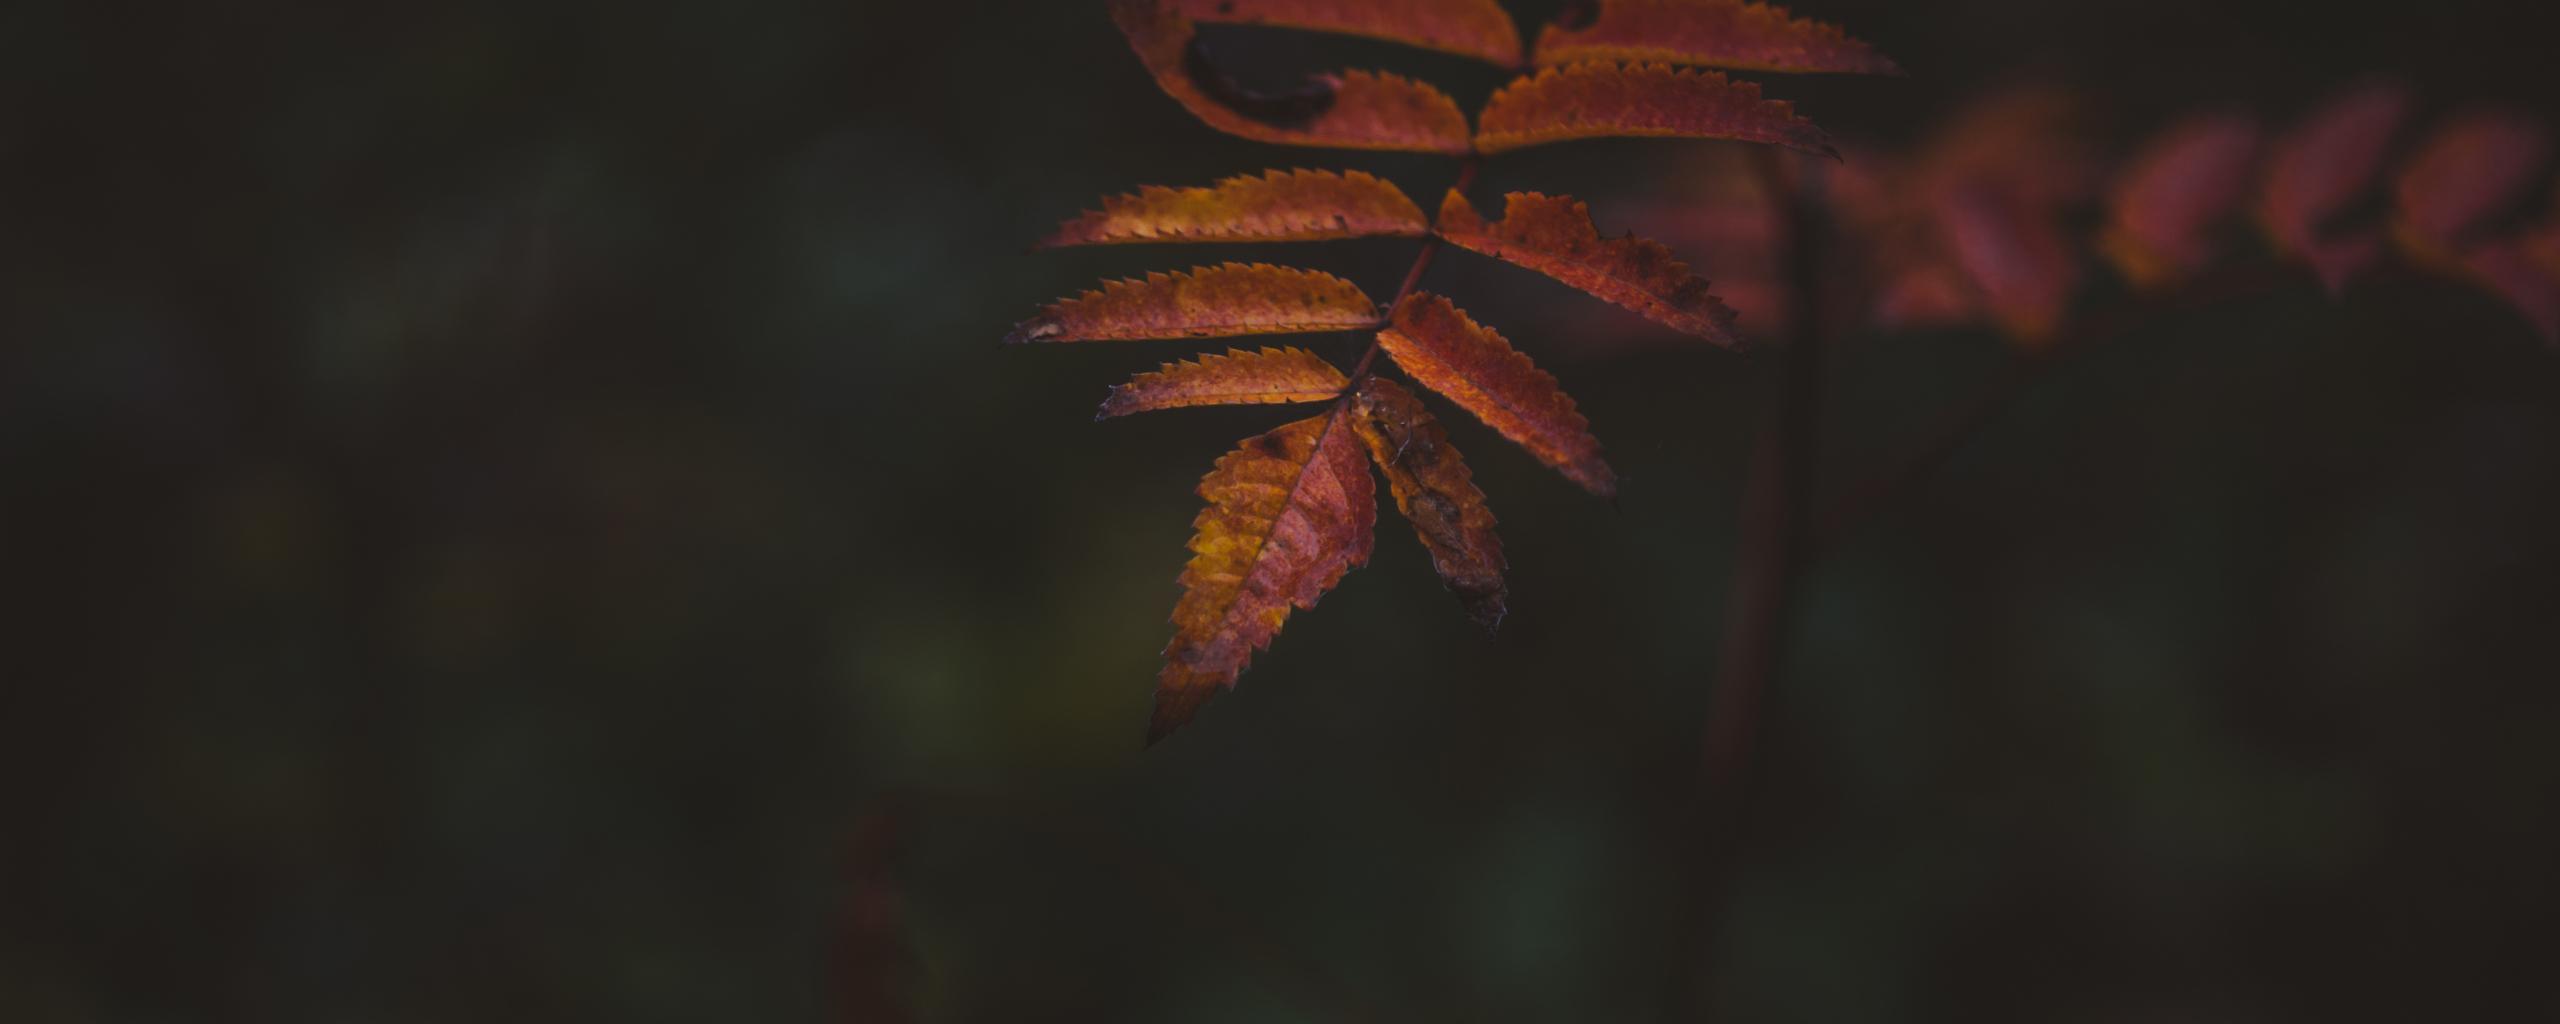 Autumn, portrait, leaf, 2560x1024 wallpaper